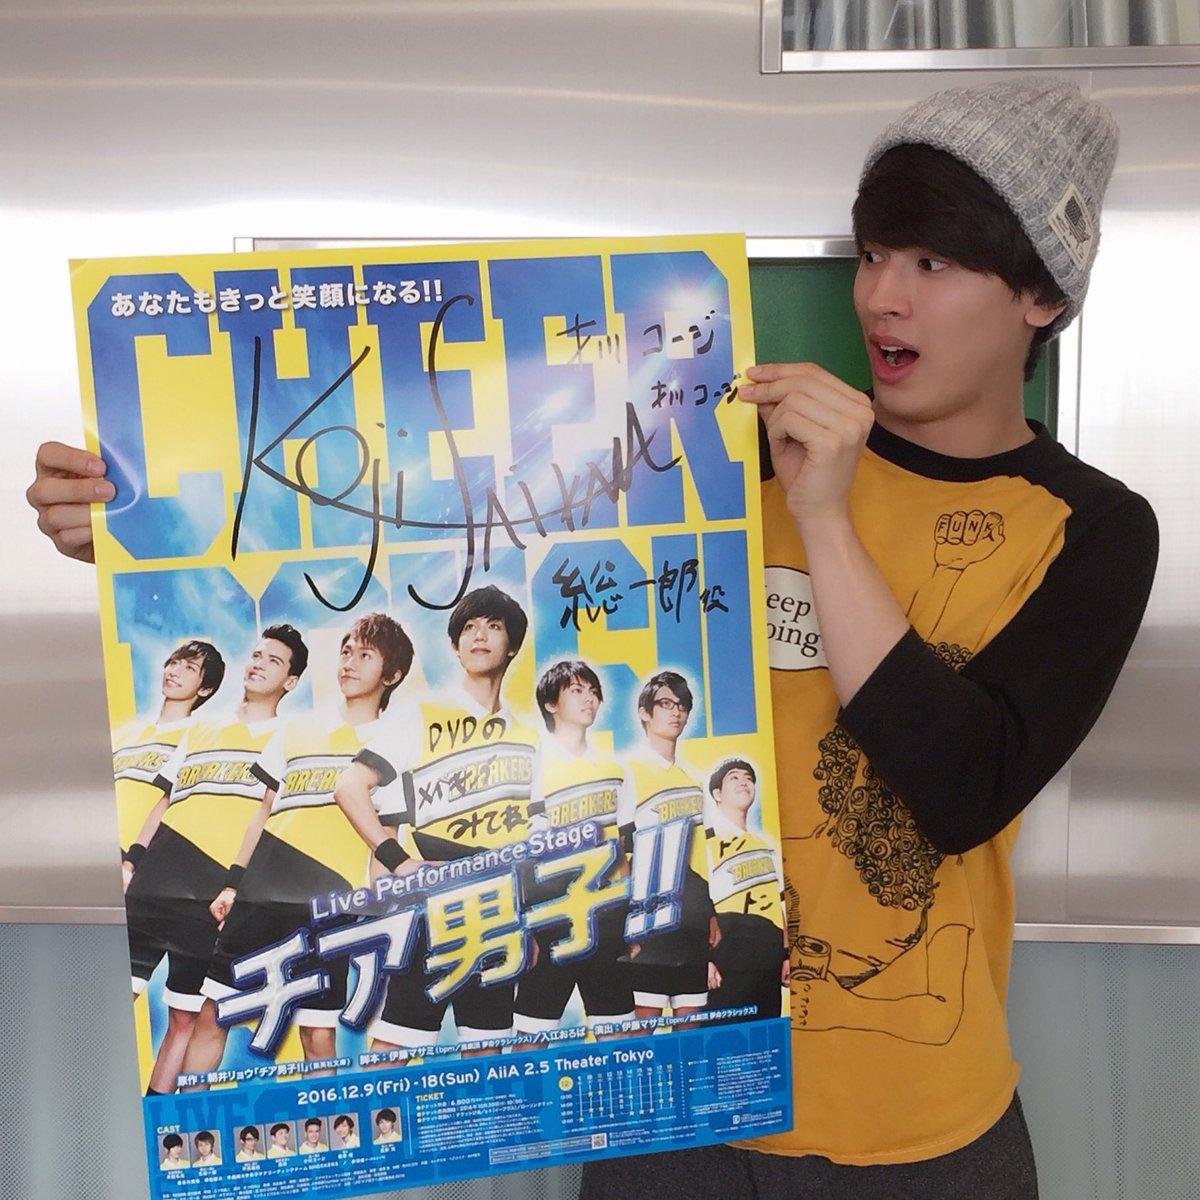 ★JUMP SHOP情報★#チアステ 報告をもらったので、才川くんのサインを公開します!ユニバーサル・シティウォーク大阪